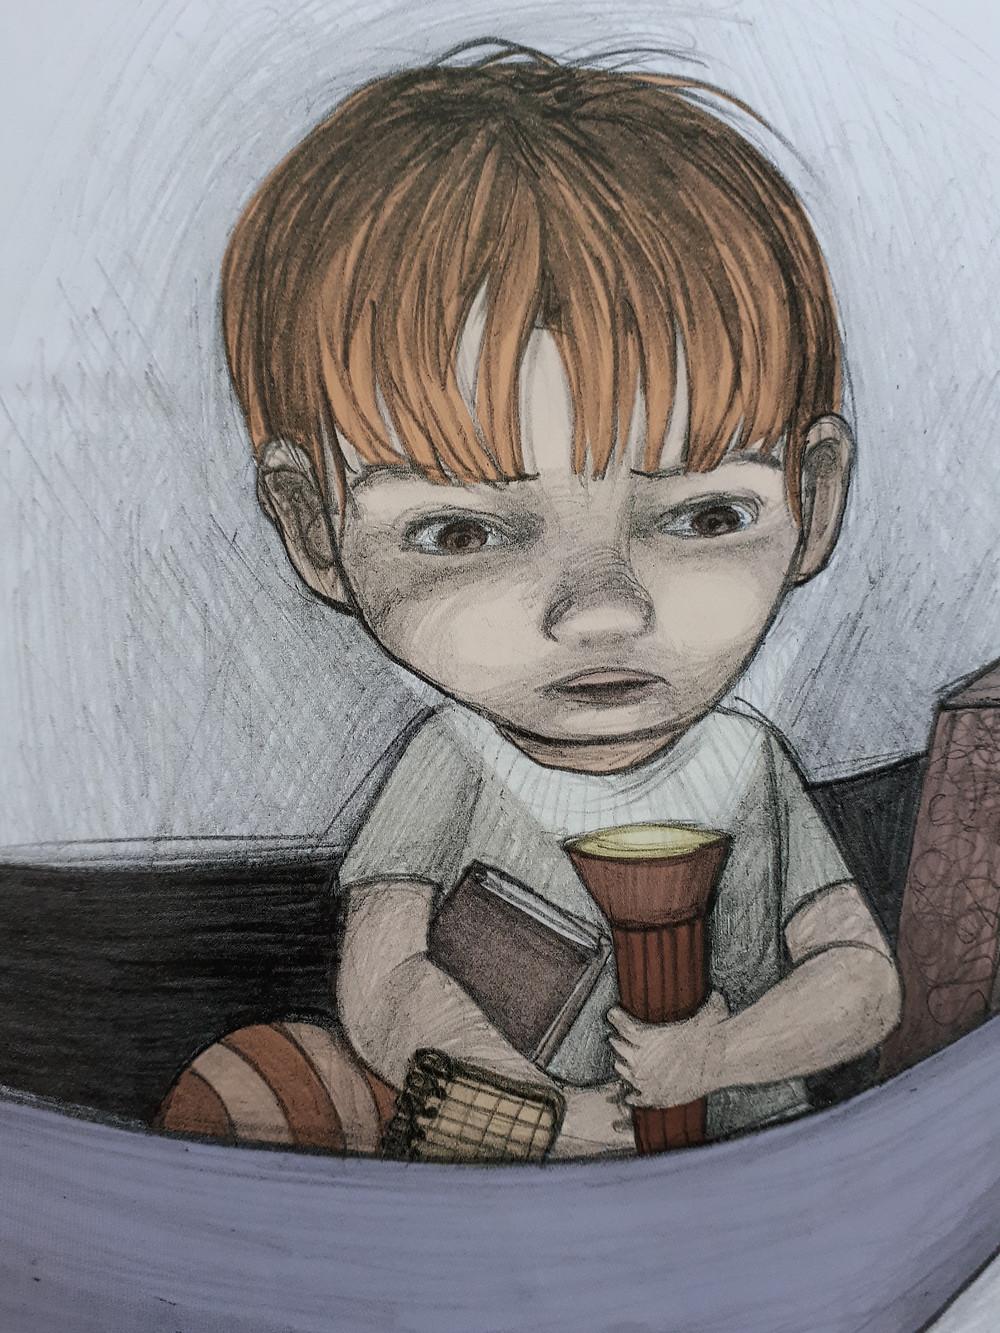 encender la noche, libro miedo oscuridad, respetuoso, libros que ayudan, terror nocturno